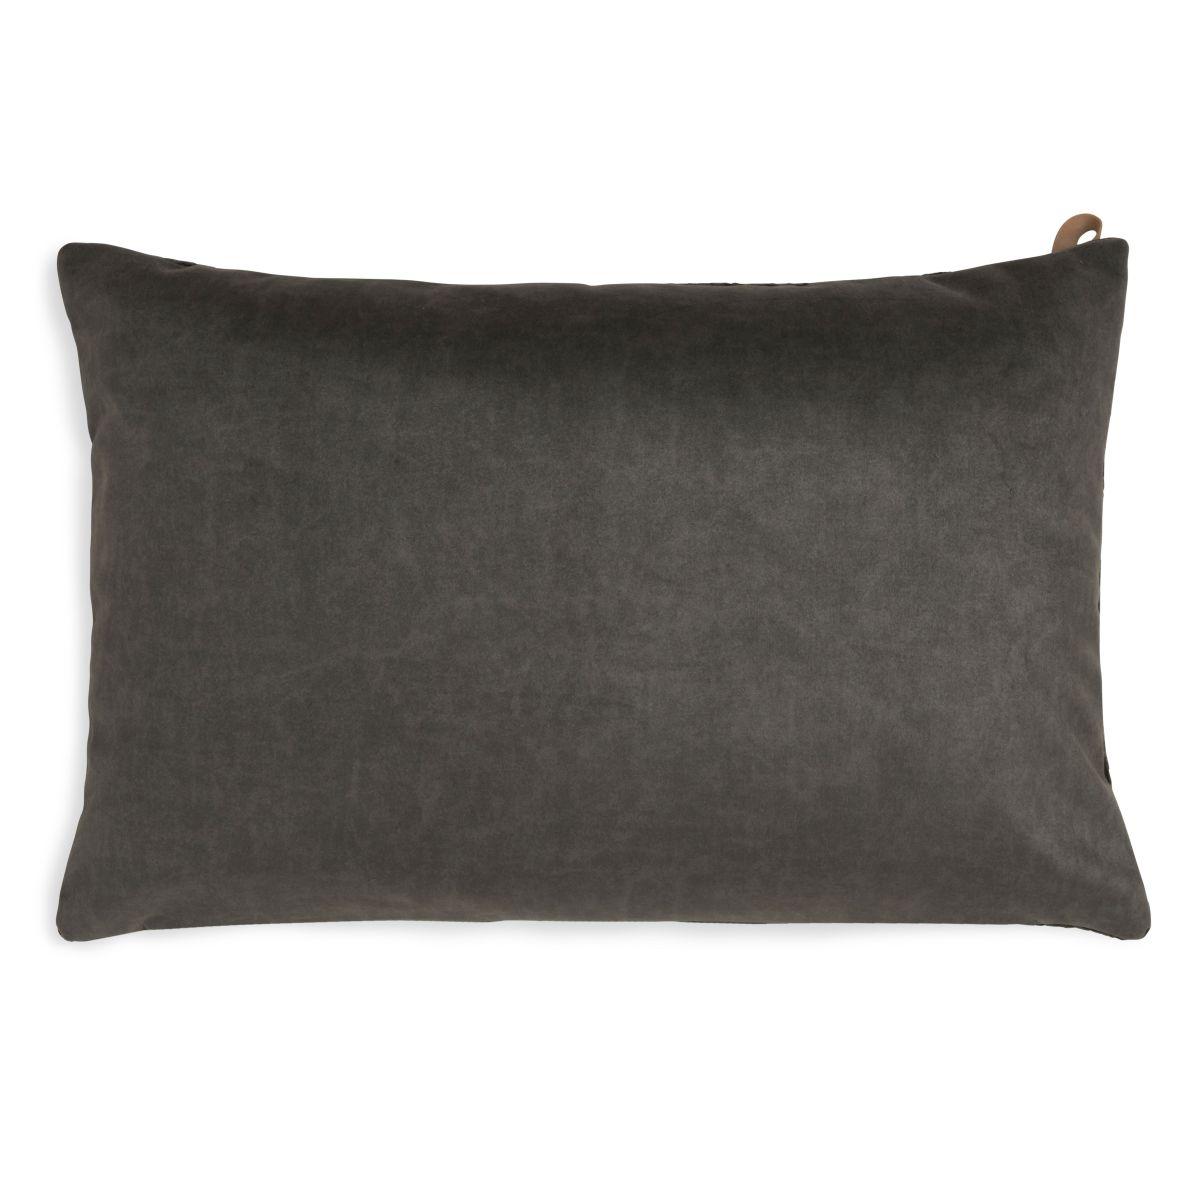 knit factory kf149013037 beau kussen donkerbruin 60x40 2